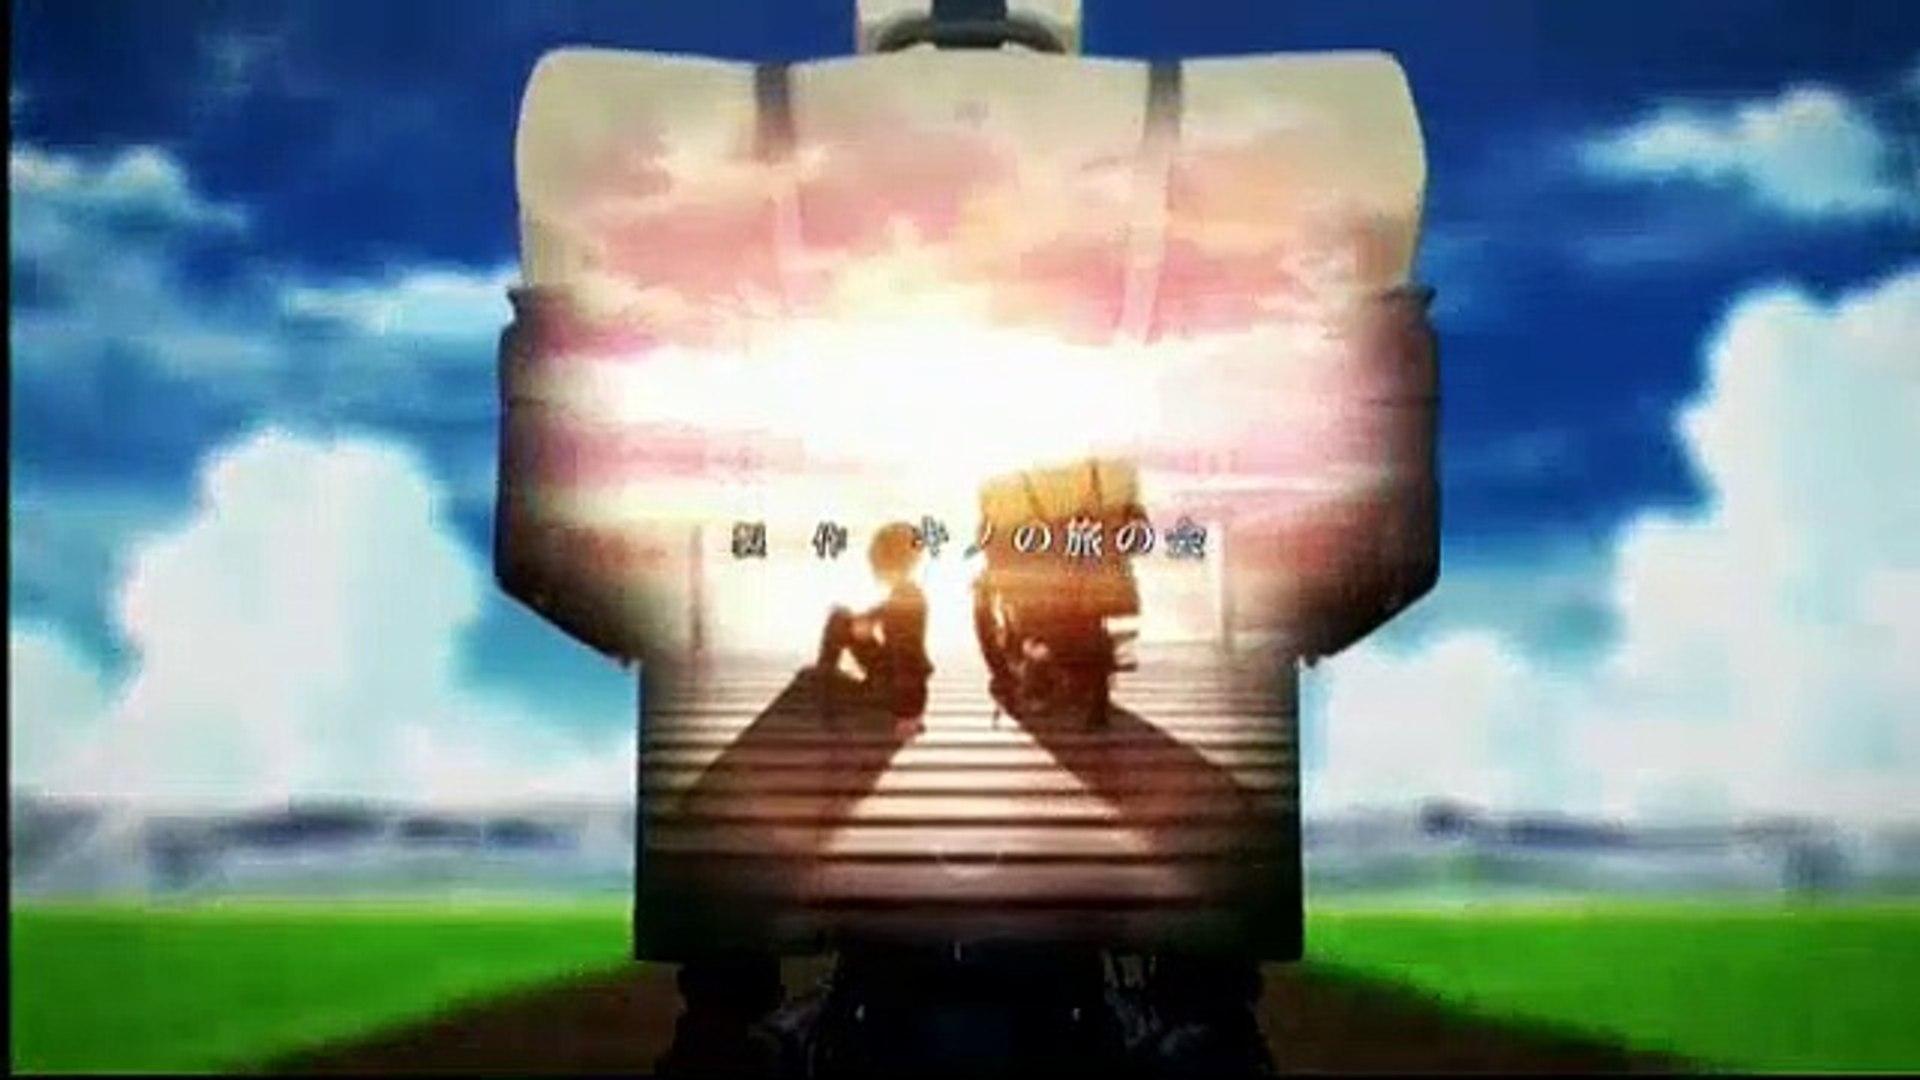 キノの旅 -the Beautiful World- the Animated Series 第7話 「歴史のある国」 - Kino no Tabi: The Beautiful World - Th